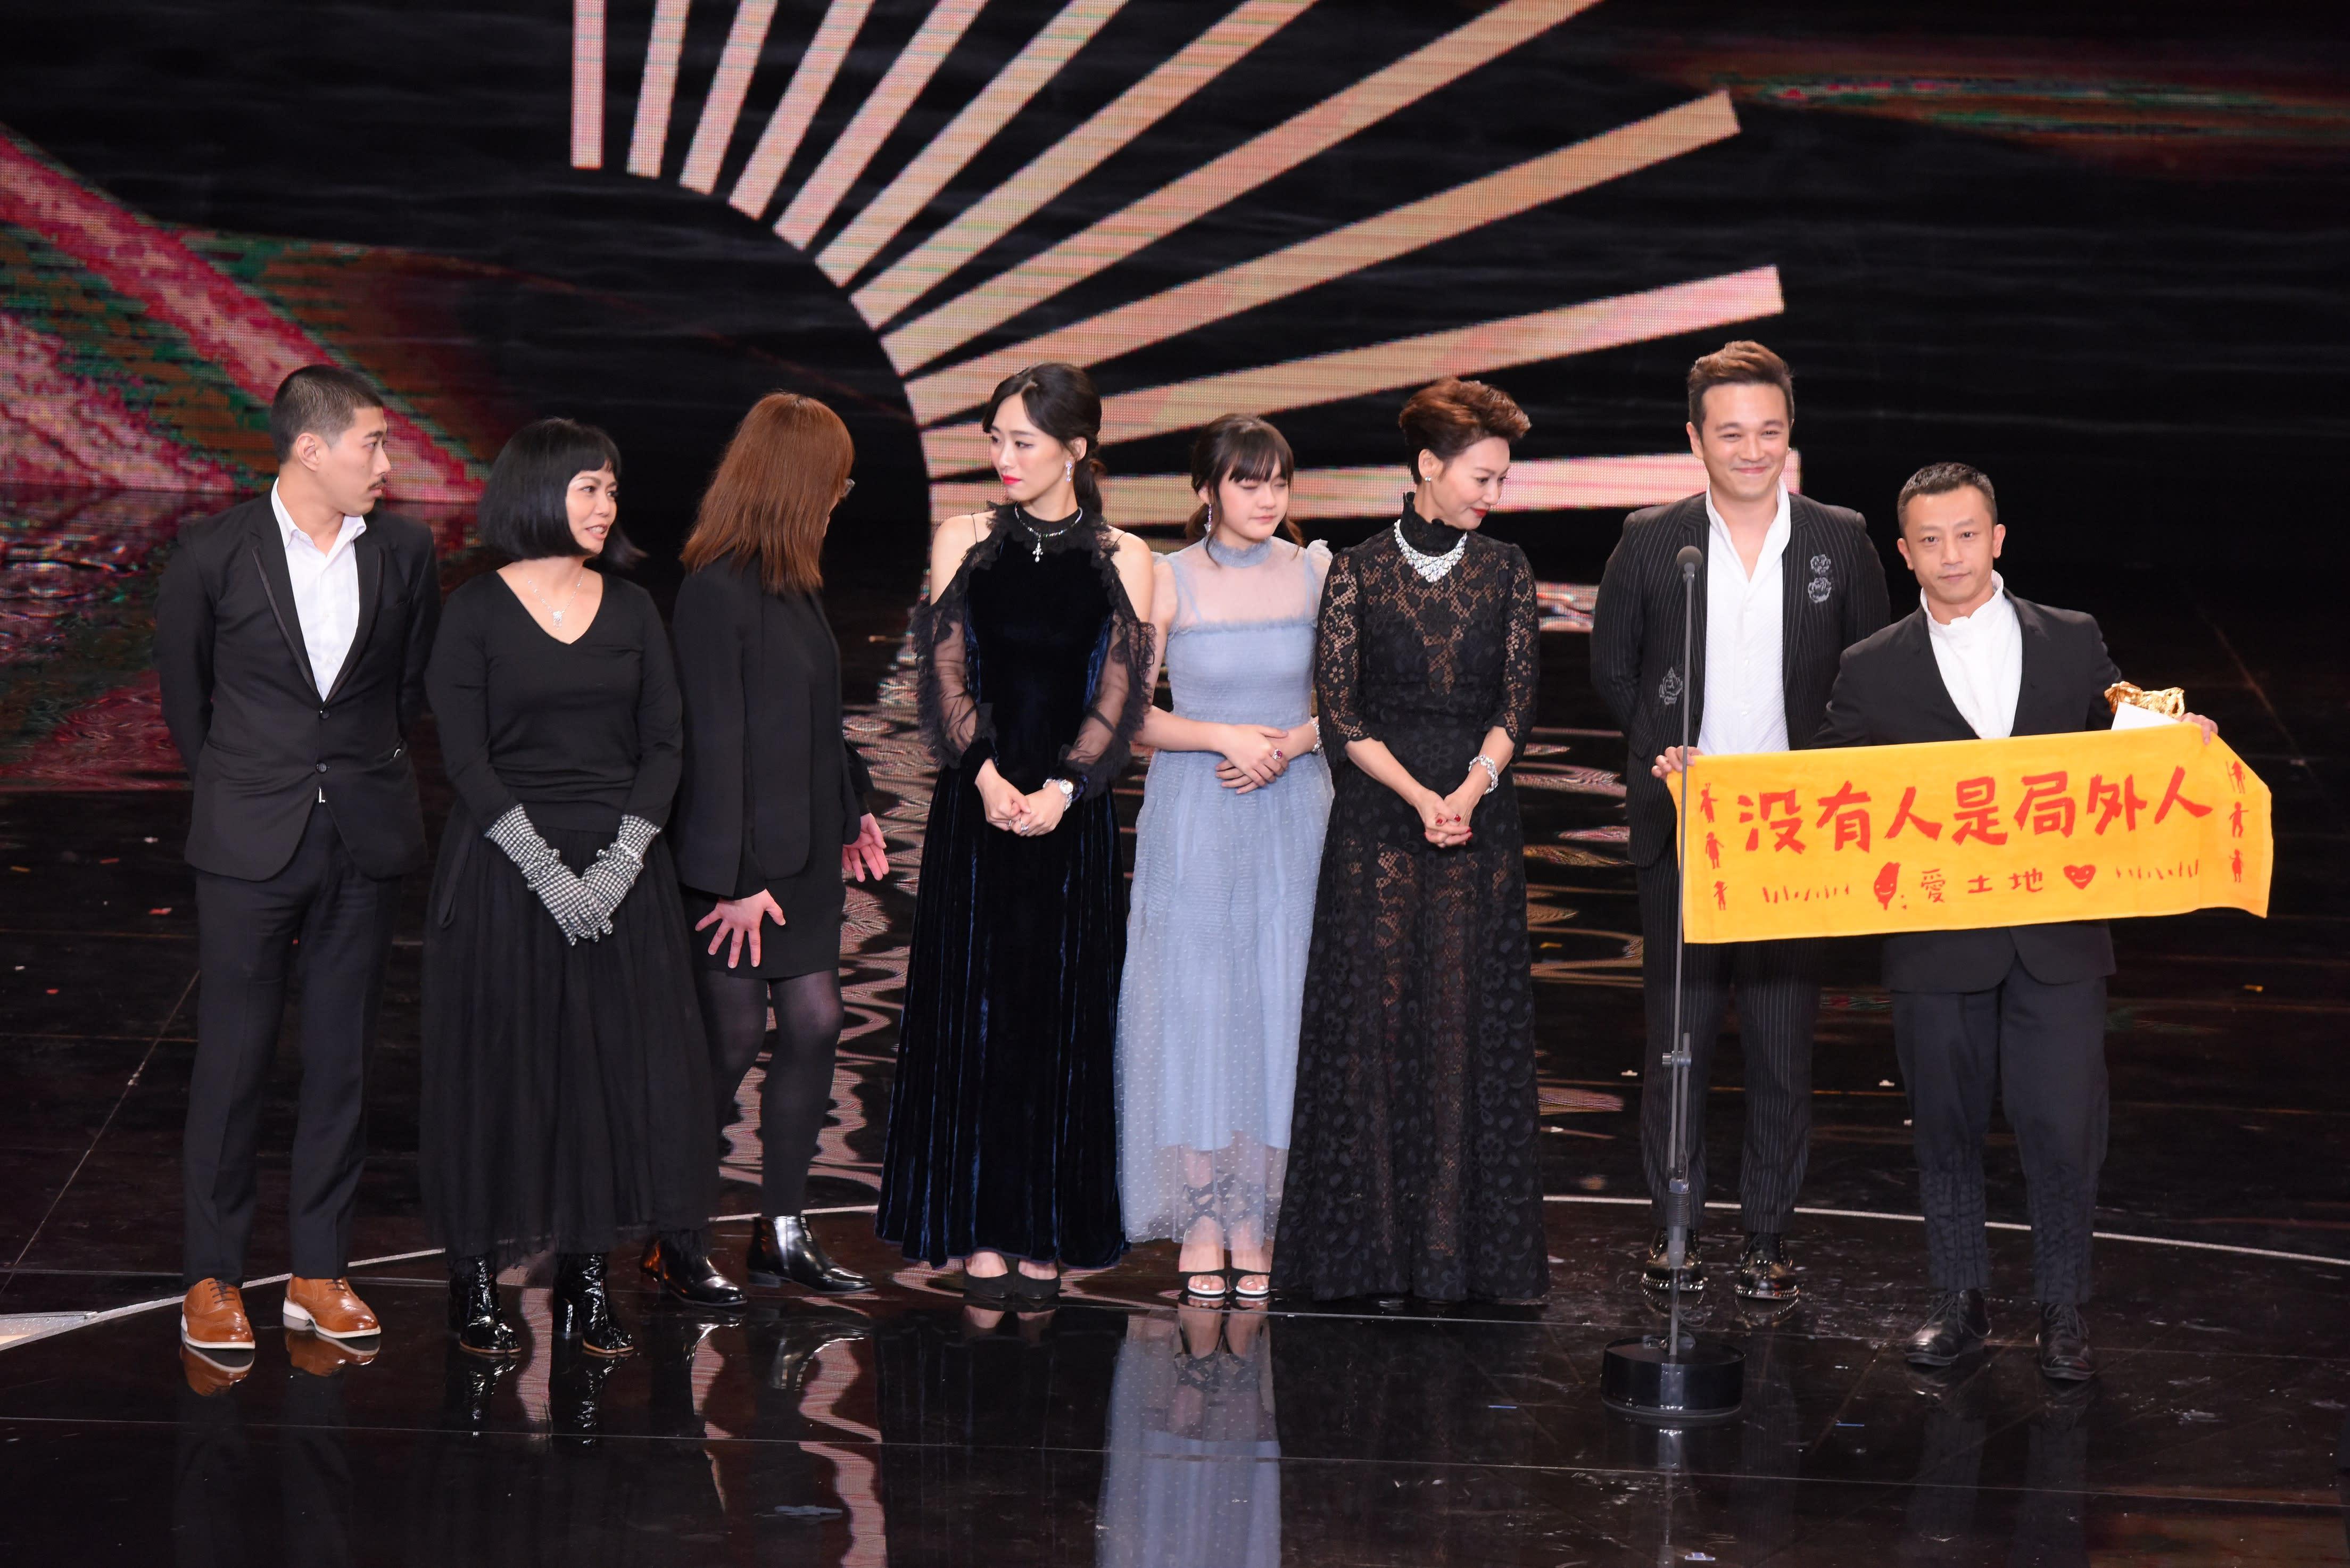 <p>第54屆金馬最佳劇情片為《血觀音》,導演楊雅喆致詞時,講到激動處,更舉起「沒有人是局外人」的布條,希望能透過電影,喚起大家對台灣許多社會問題的重視。(影像:金馬執委會提供) </p>